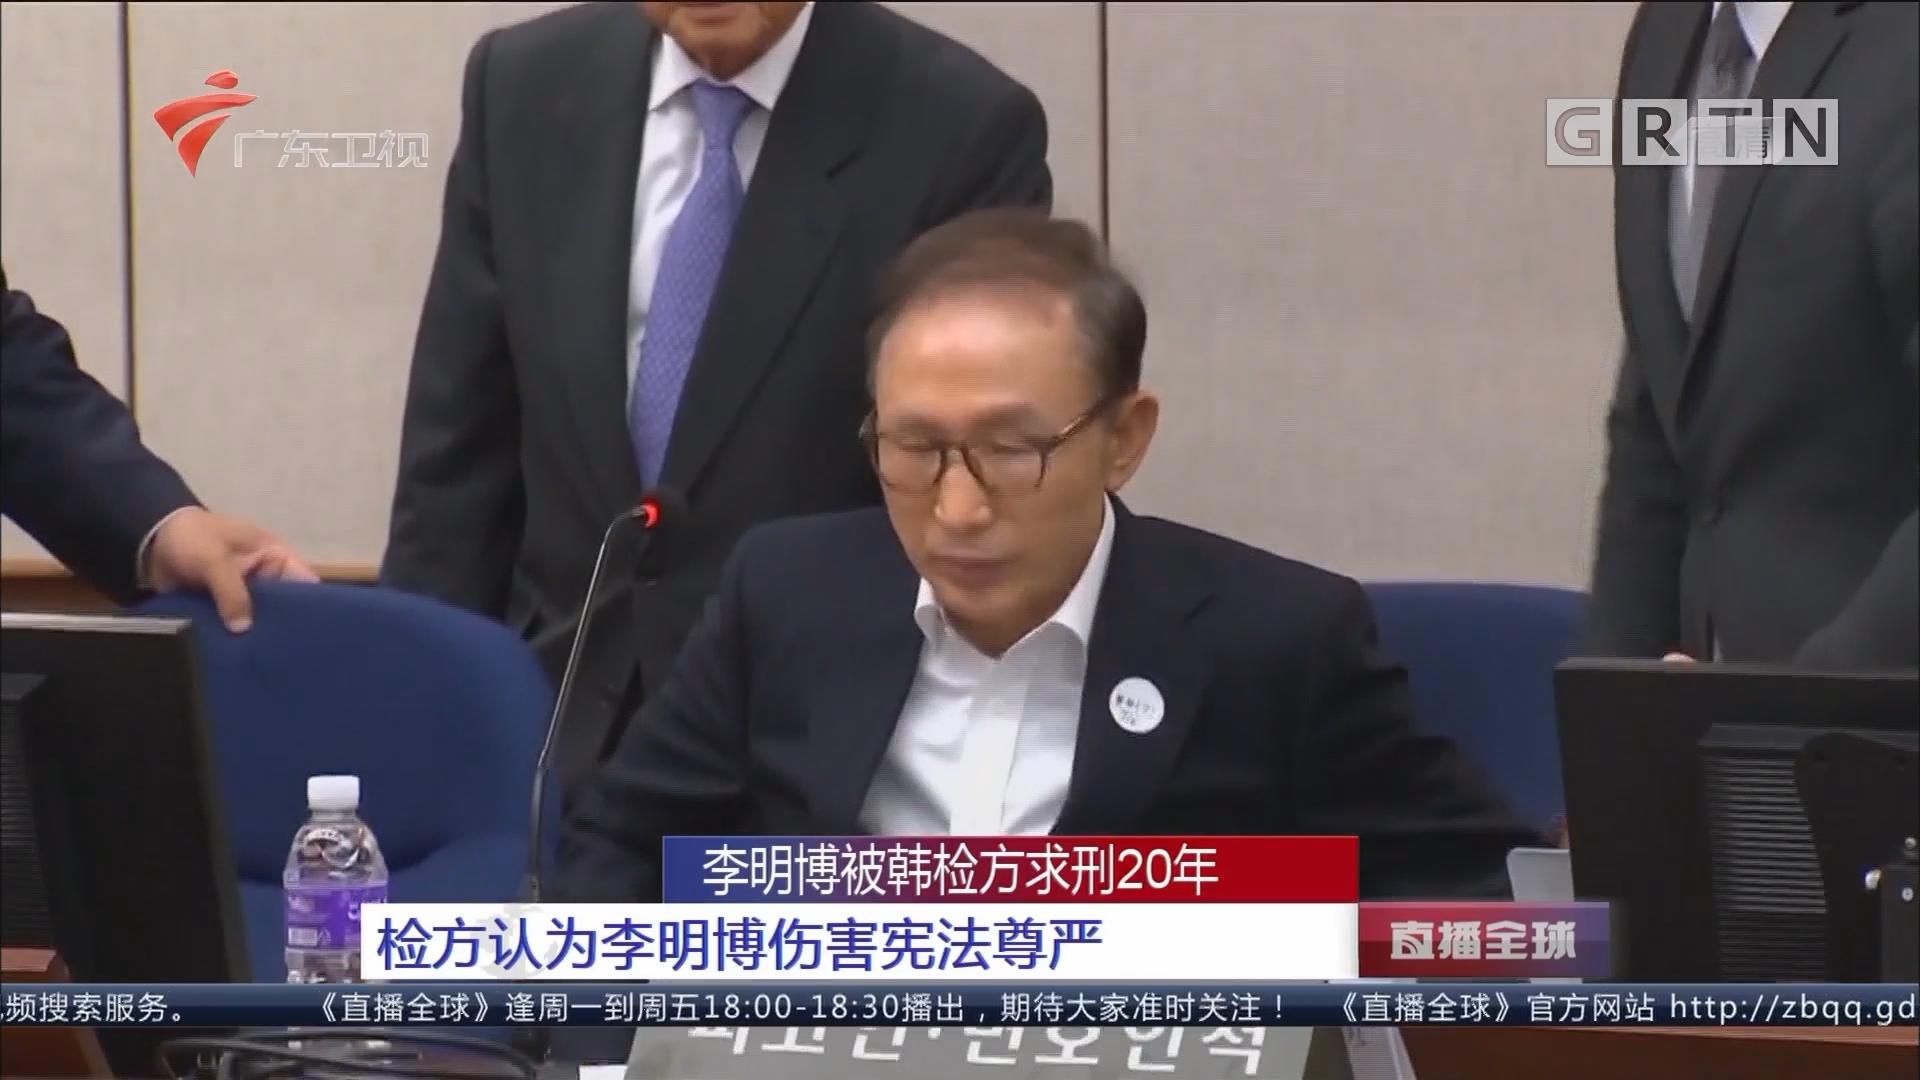 李明博被韩检方求刑20年:检方认为李明博伤害宪法尊严